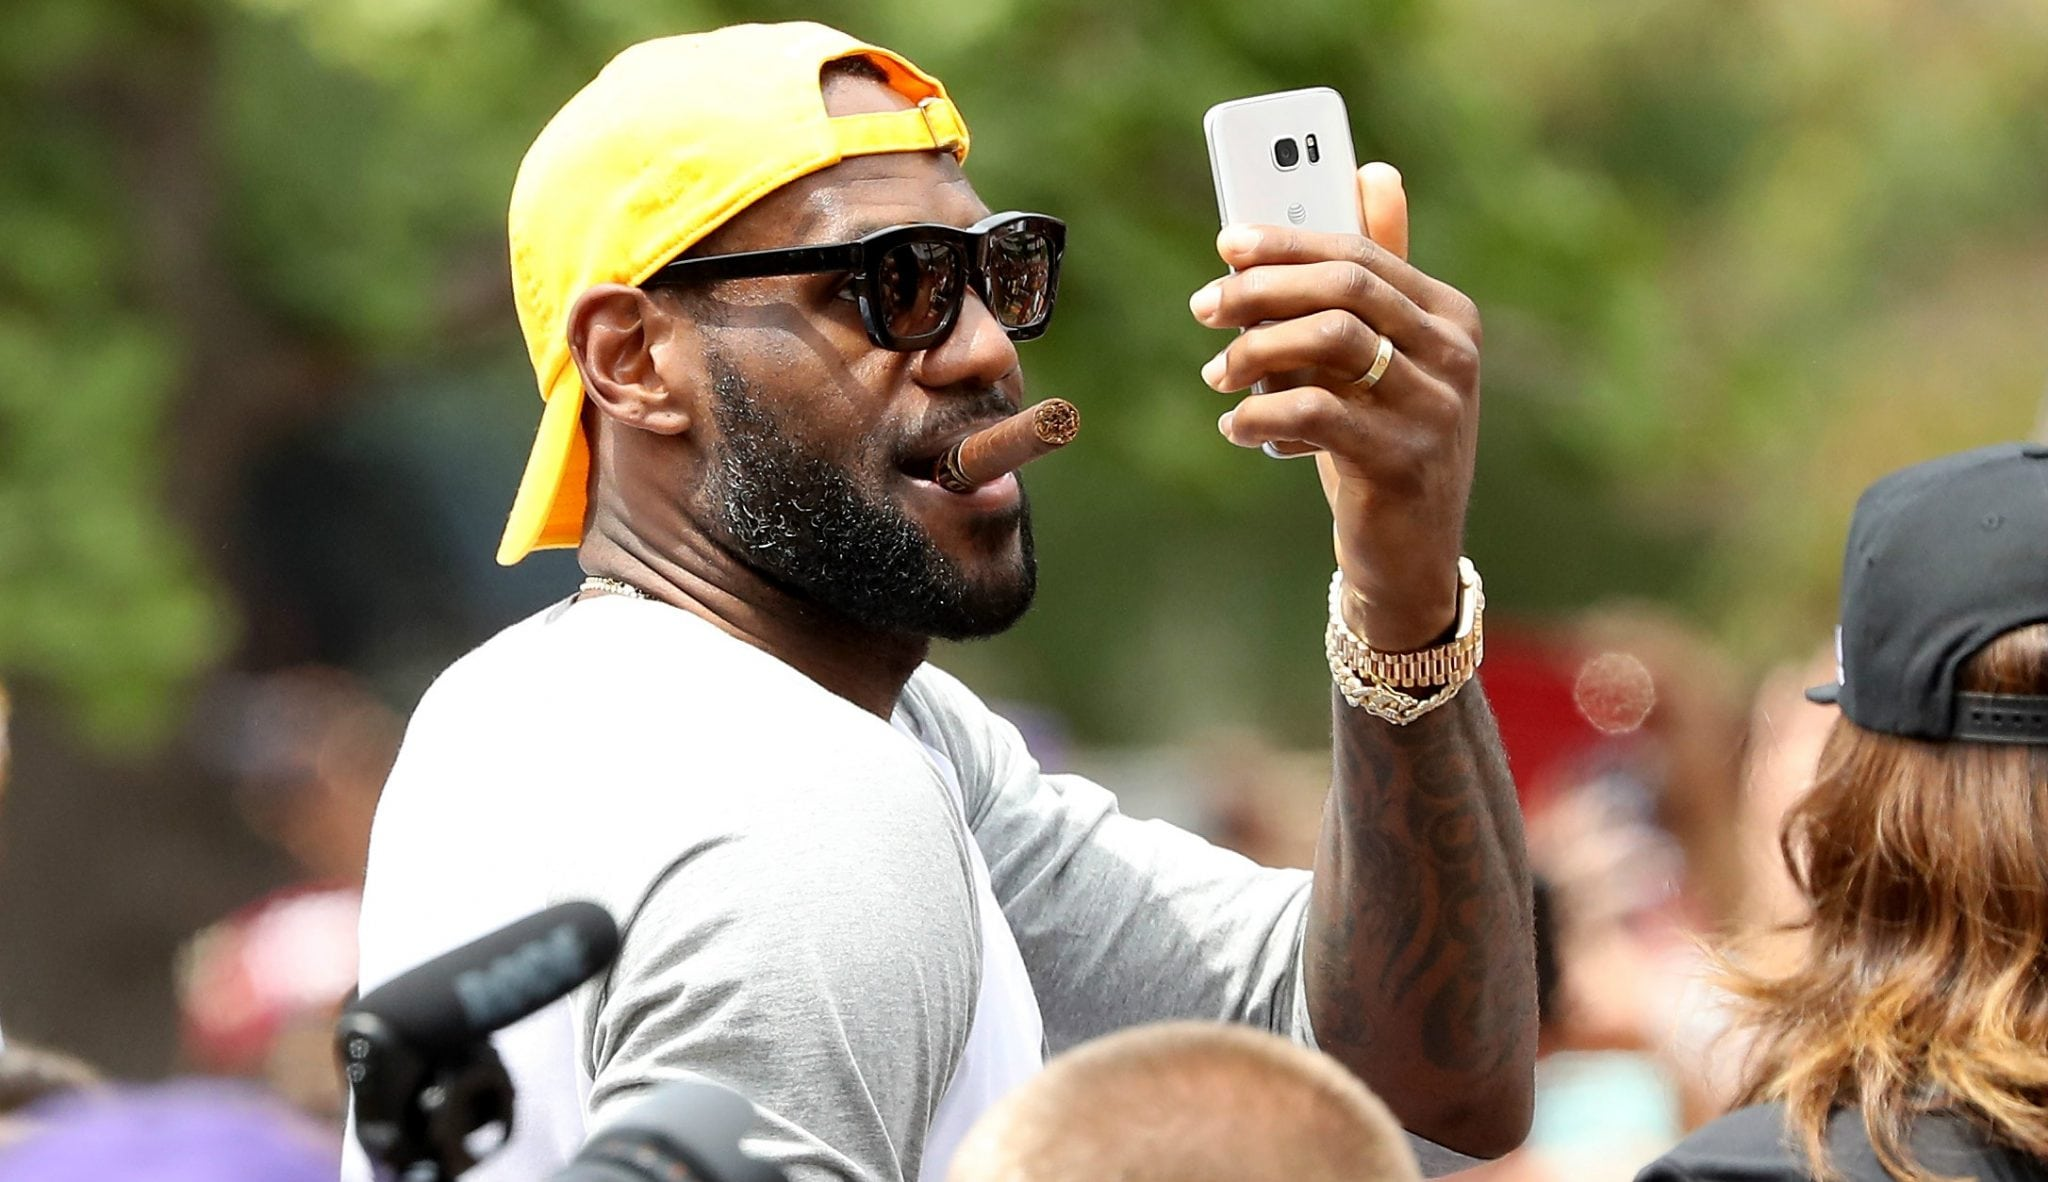 LeBron recuerda que Jordan no ganó los seis anillos él solo y desvela su sueño de futuro